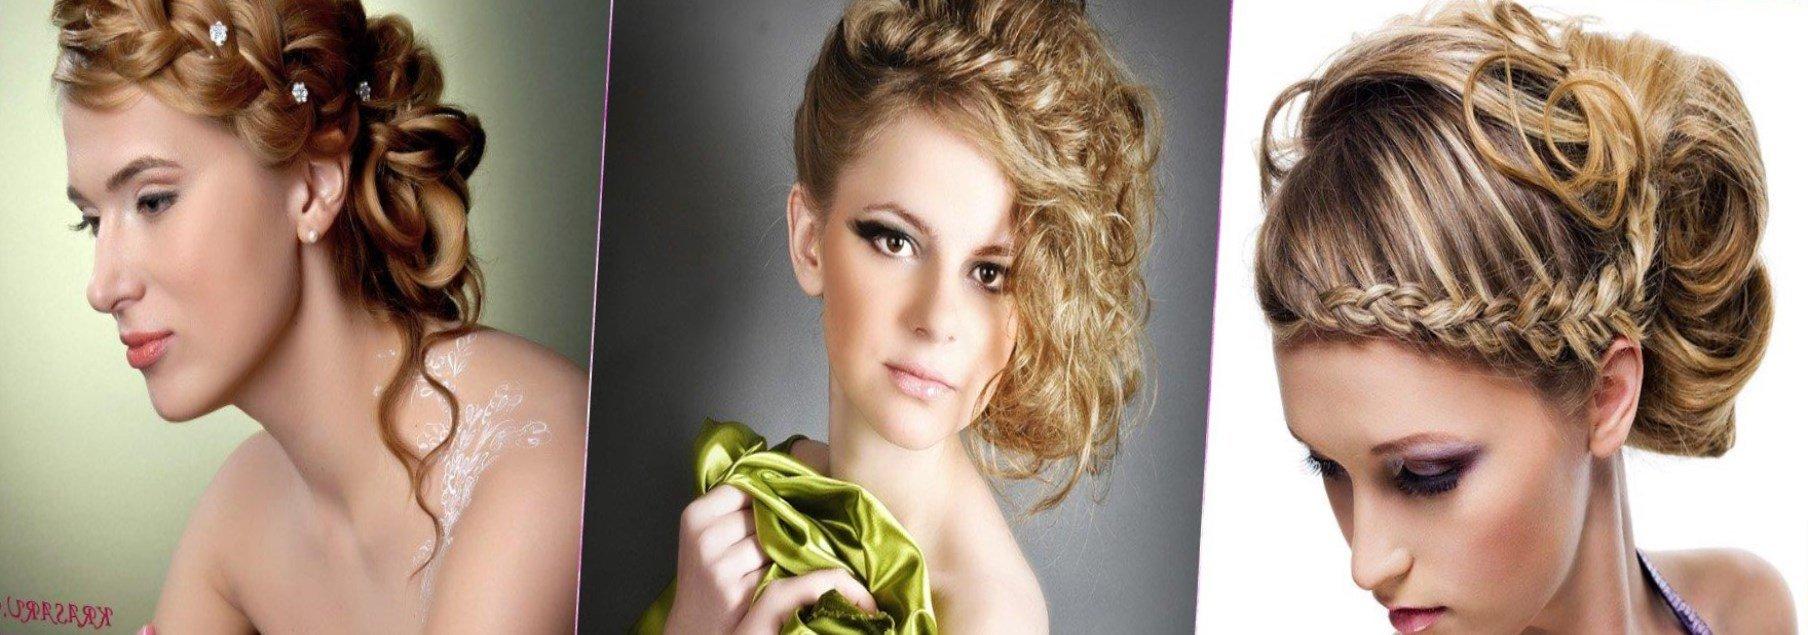 Плетение причесок на короткие волосы фото